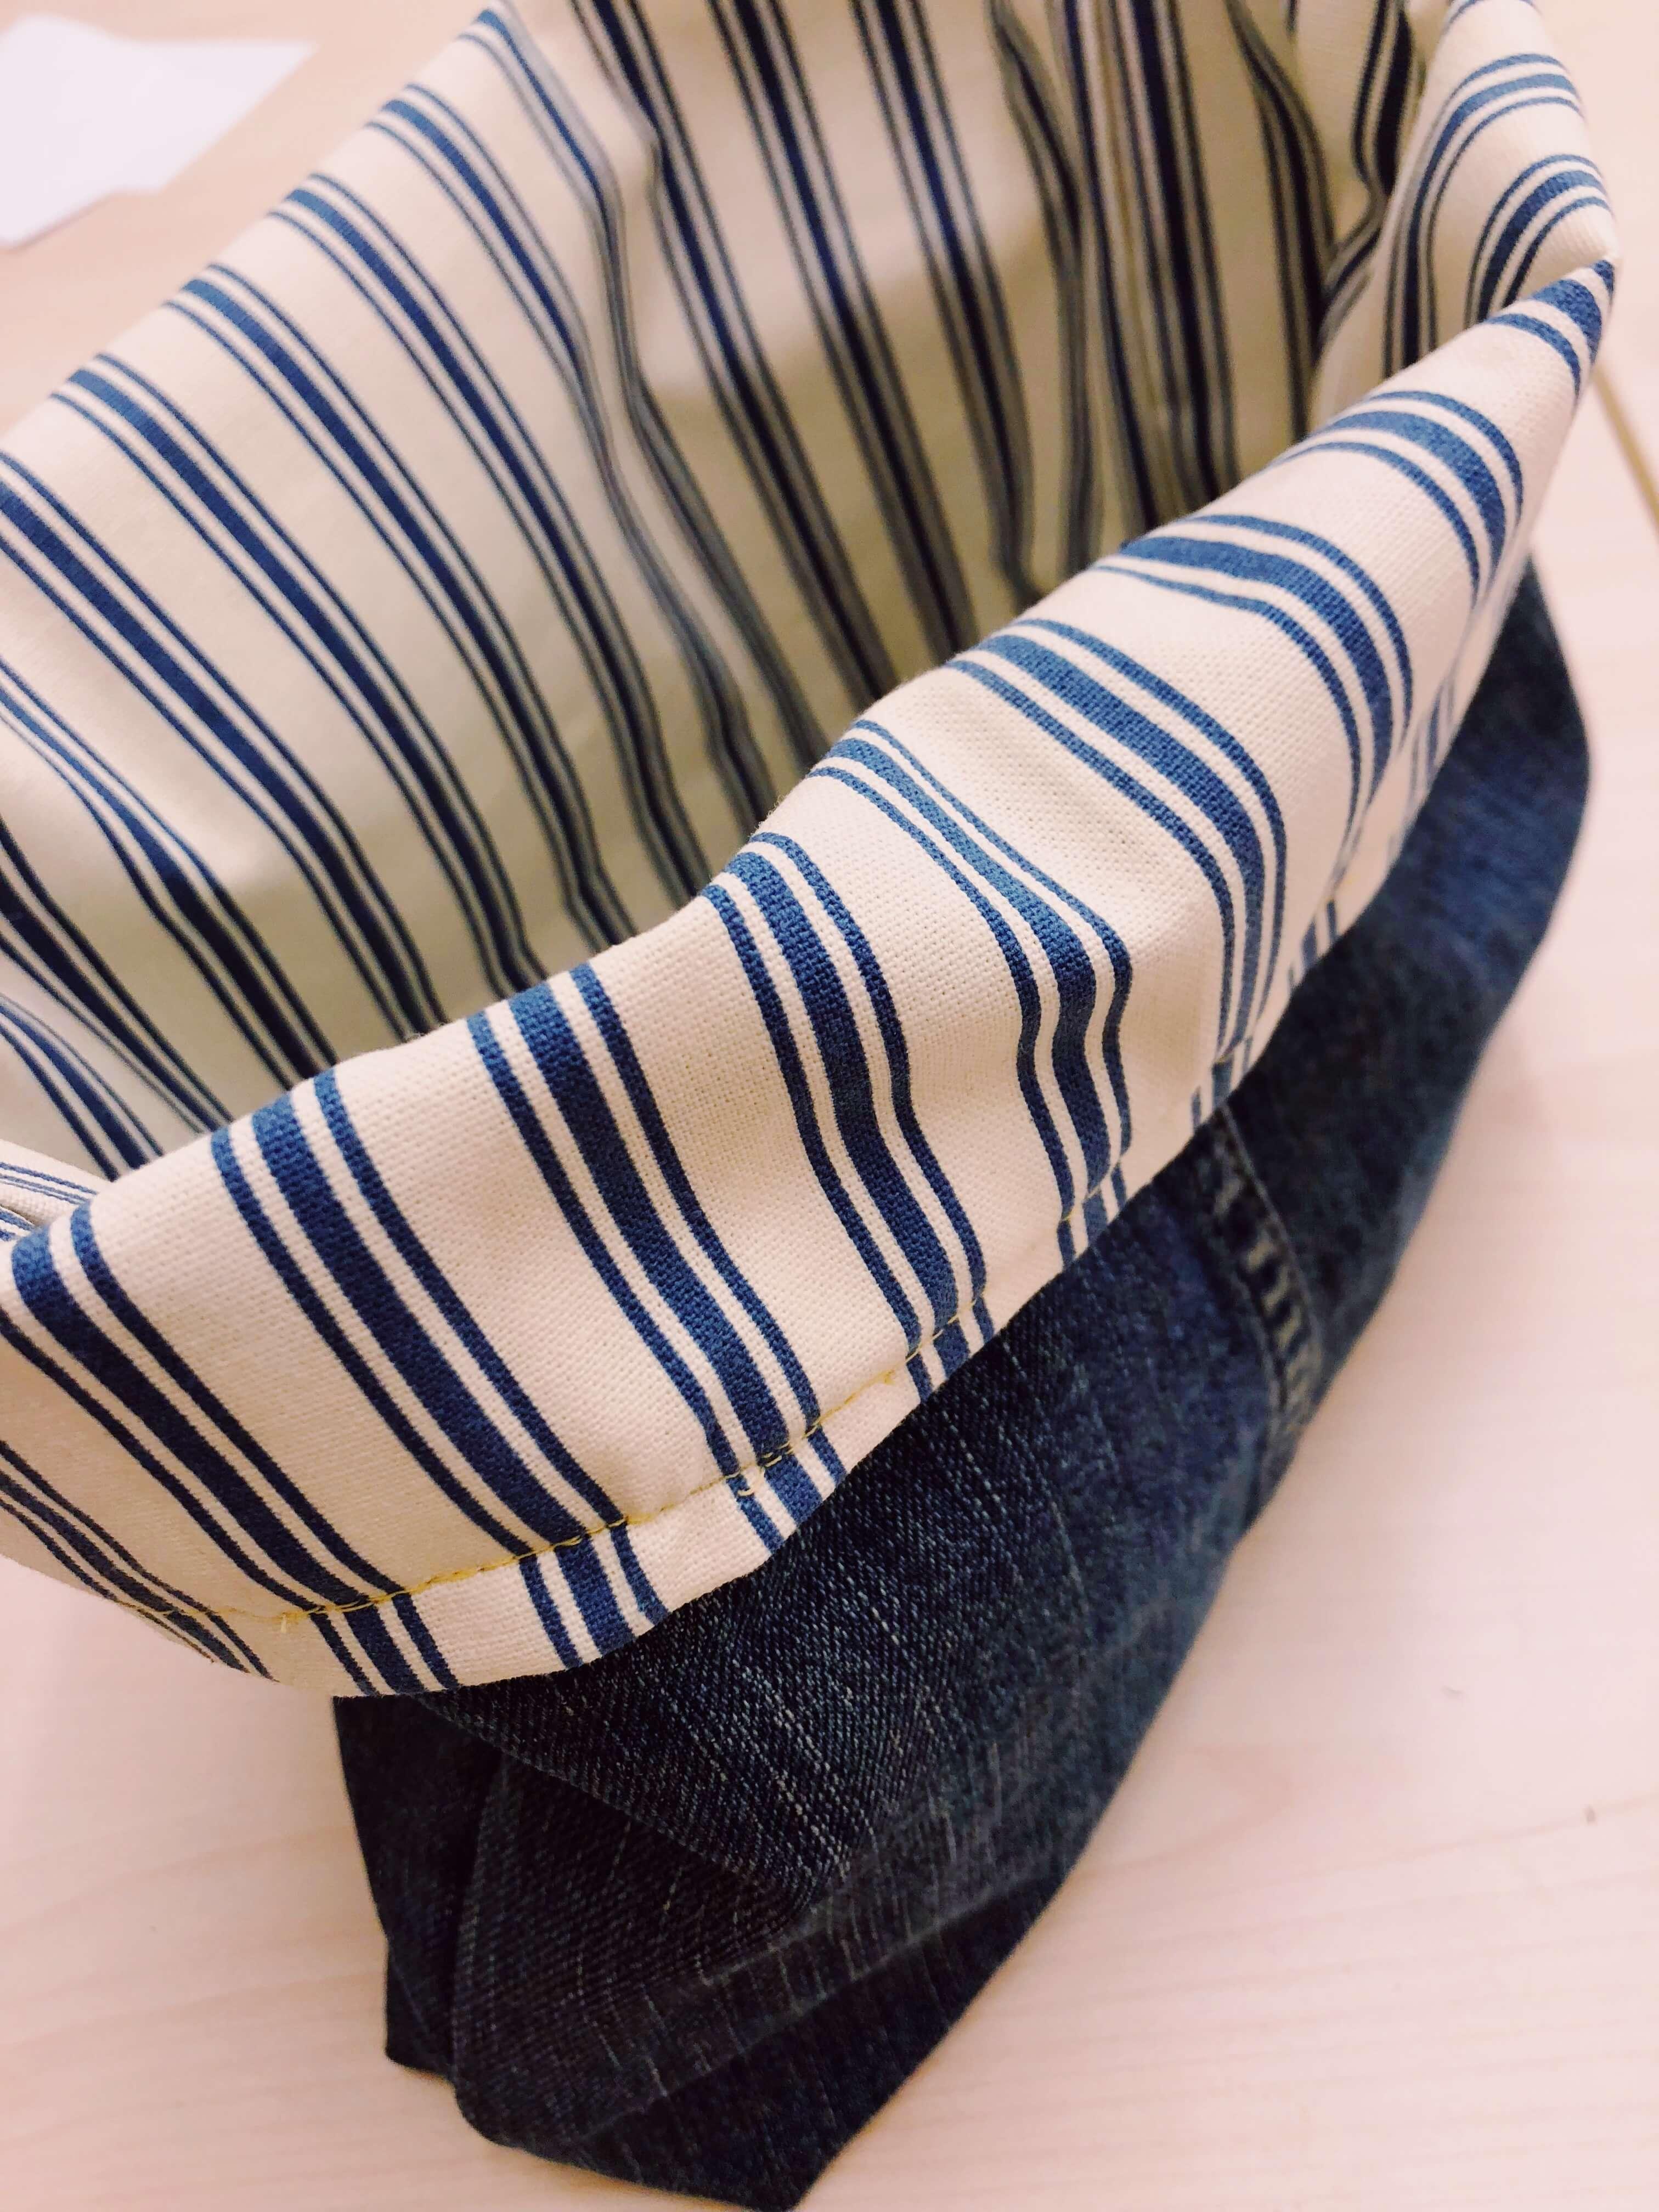 stoffrester sy redesign diy jeans gjenbruk knappenåler